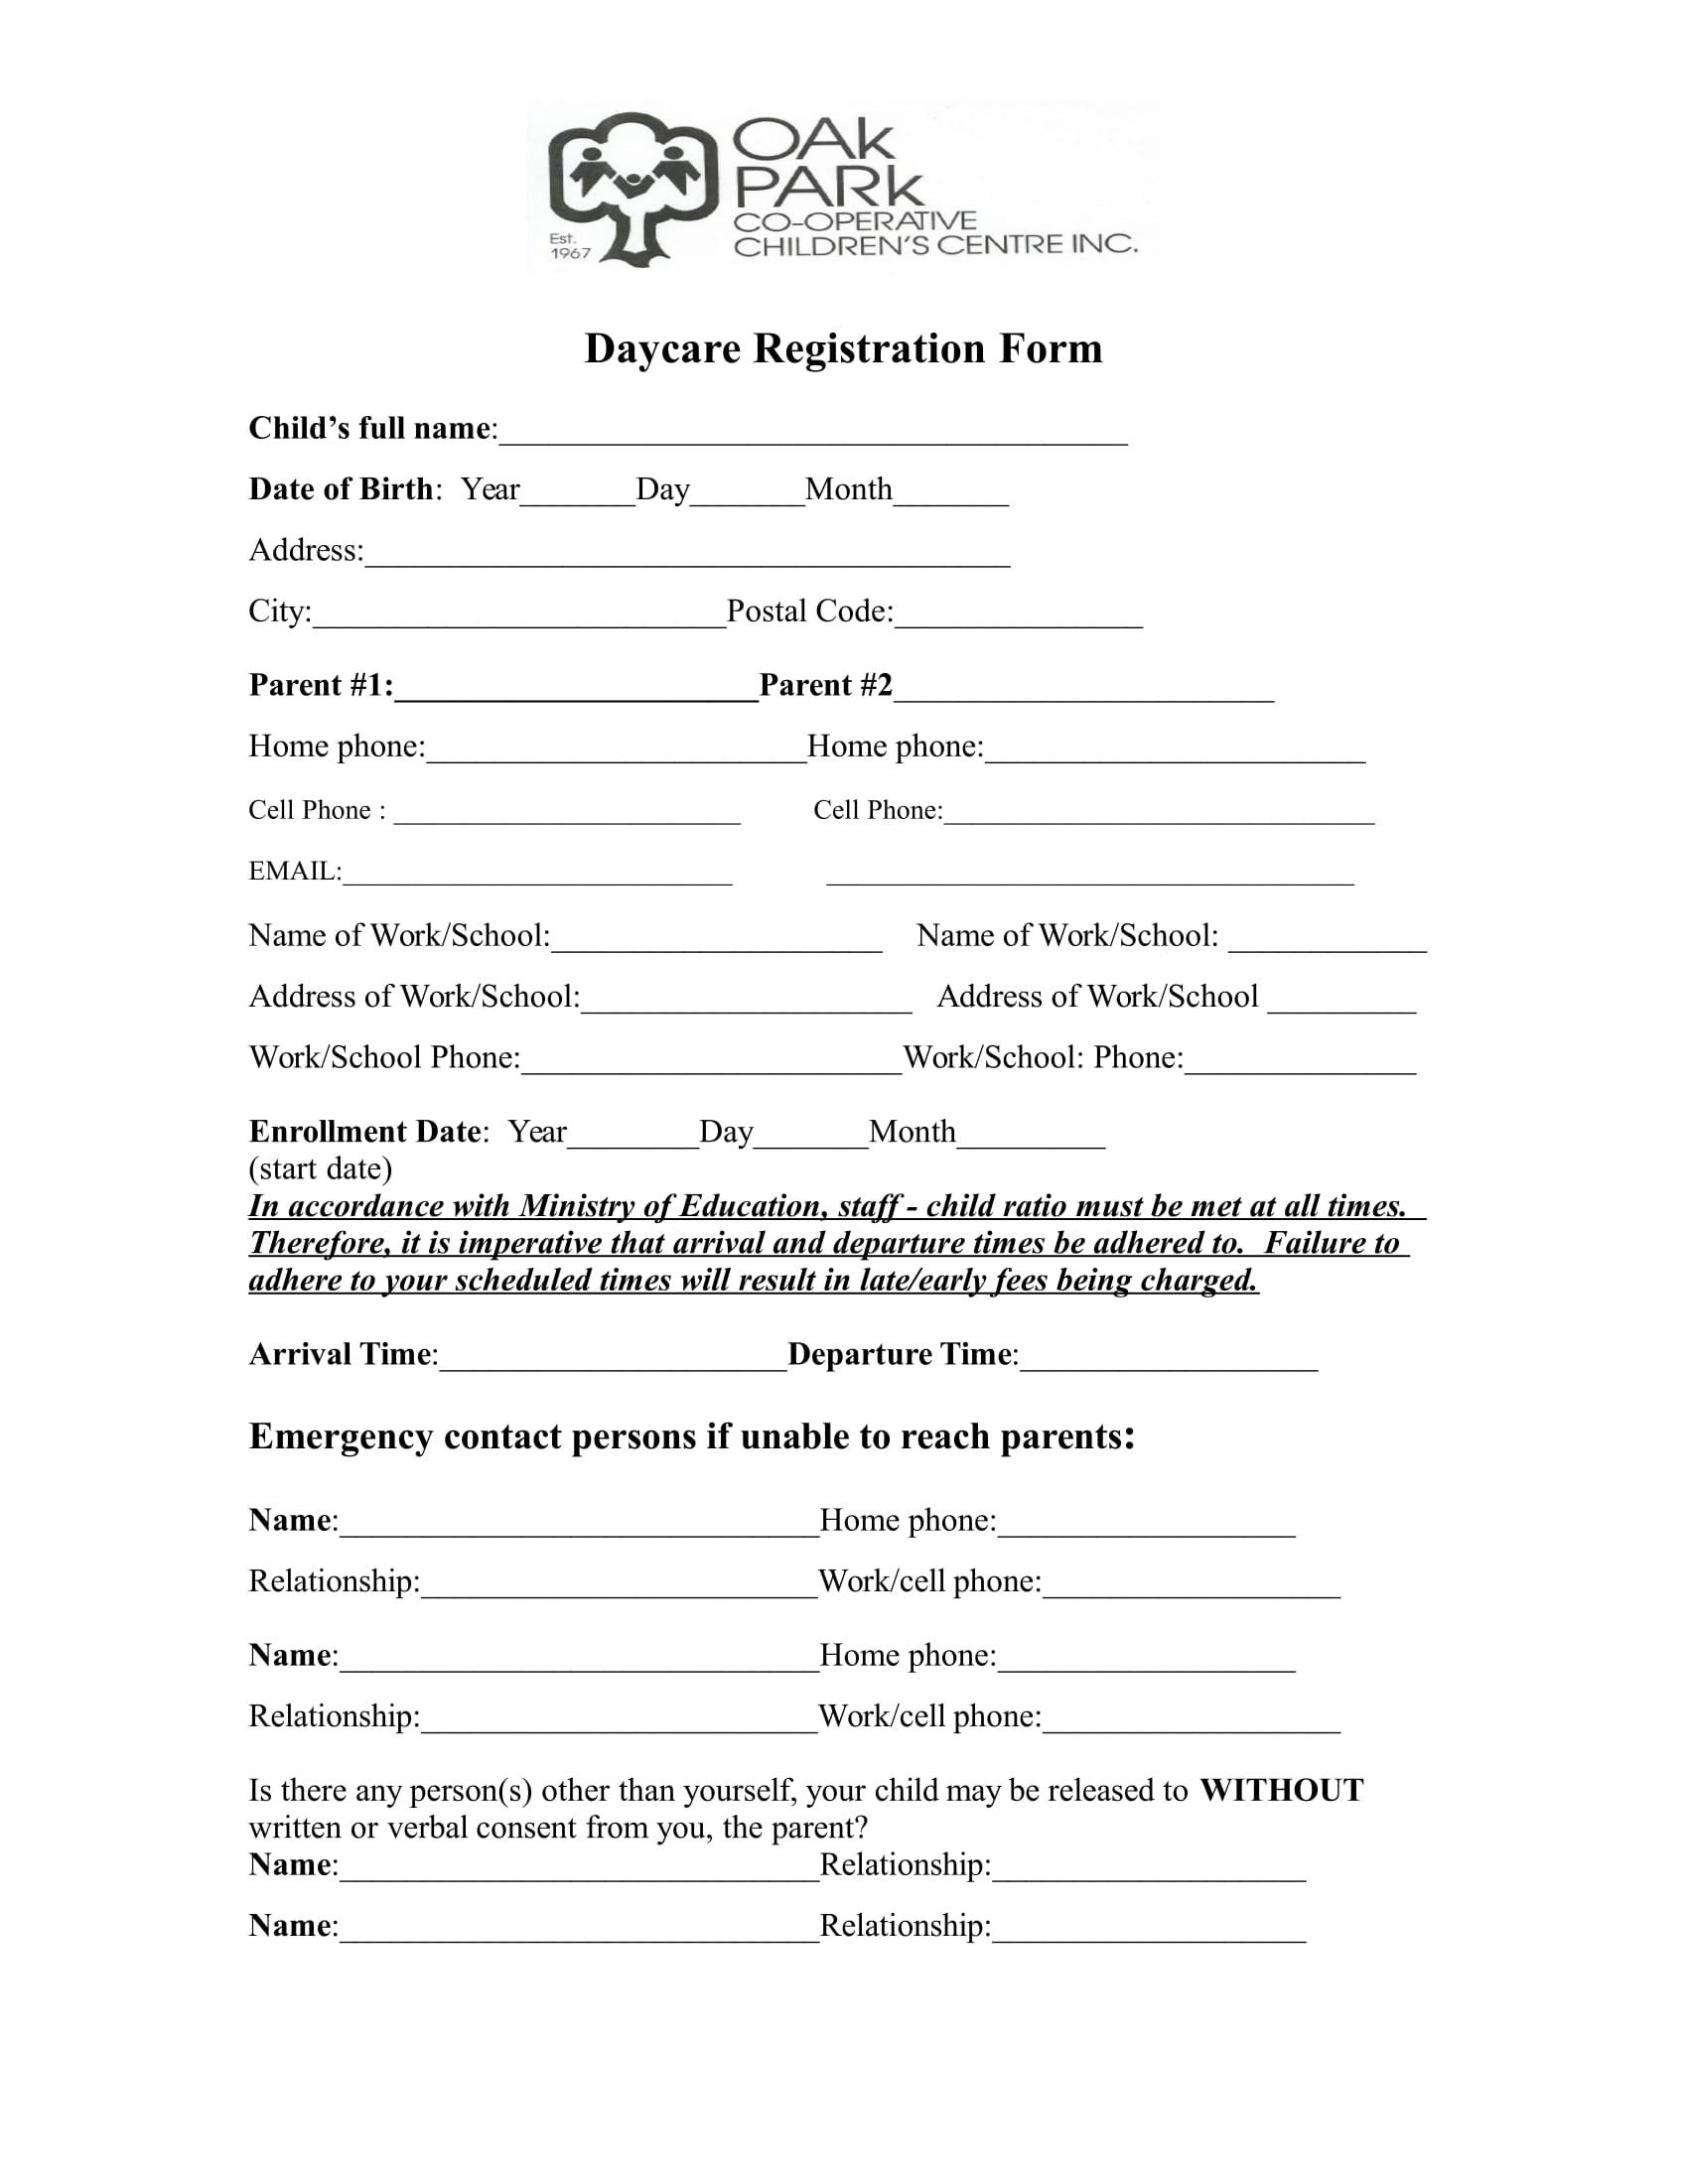 child daycare registration form in doc 1